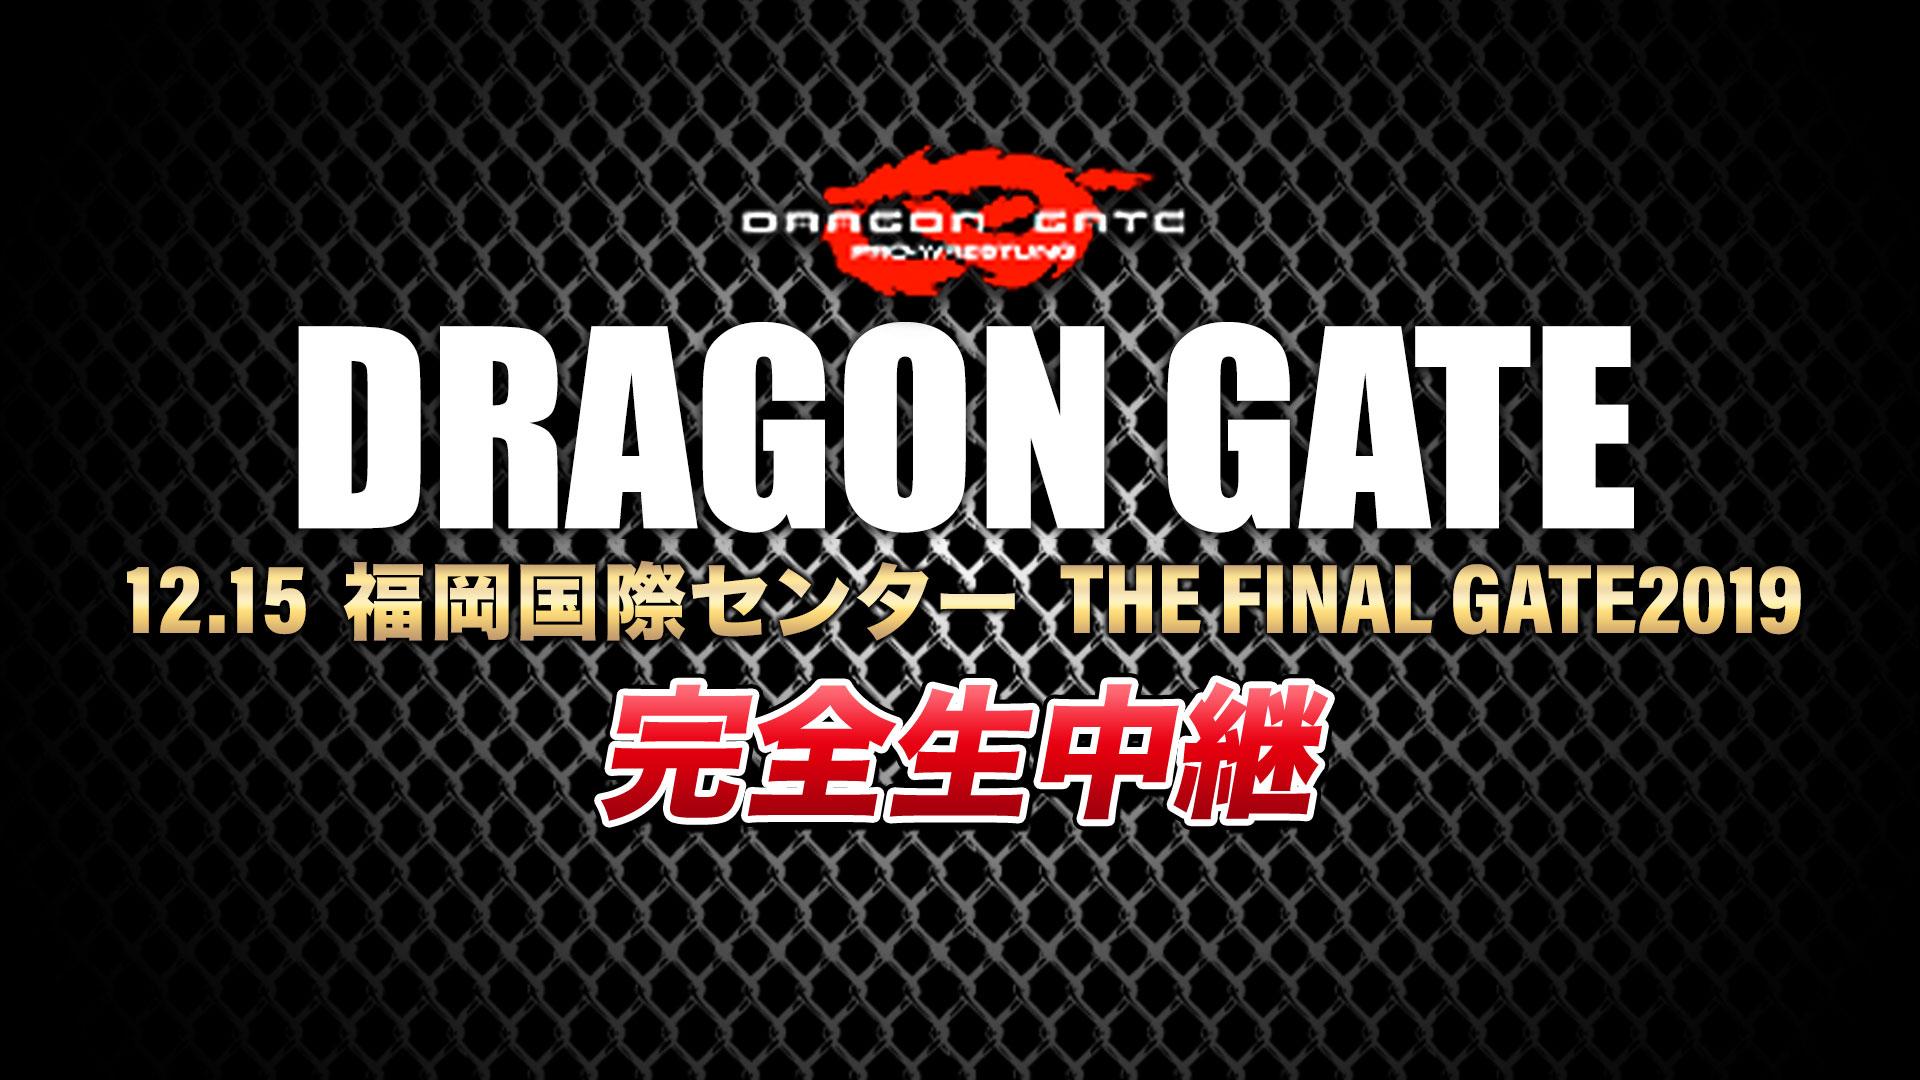 ドラゴンゲート 12.15 福岡国際センター